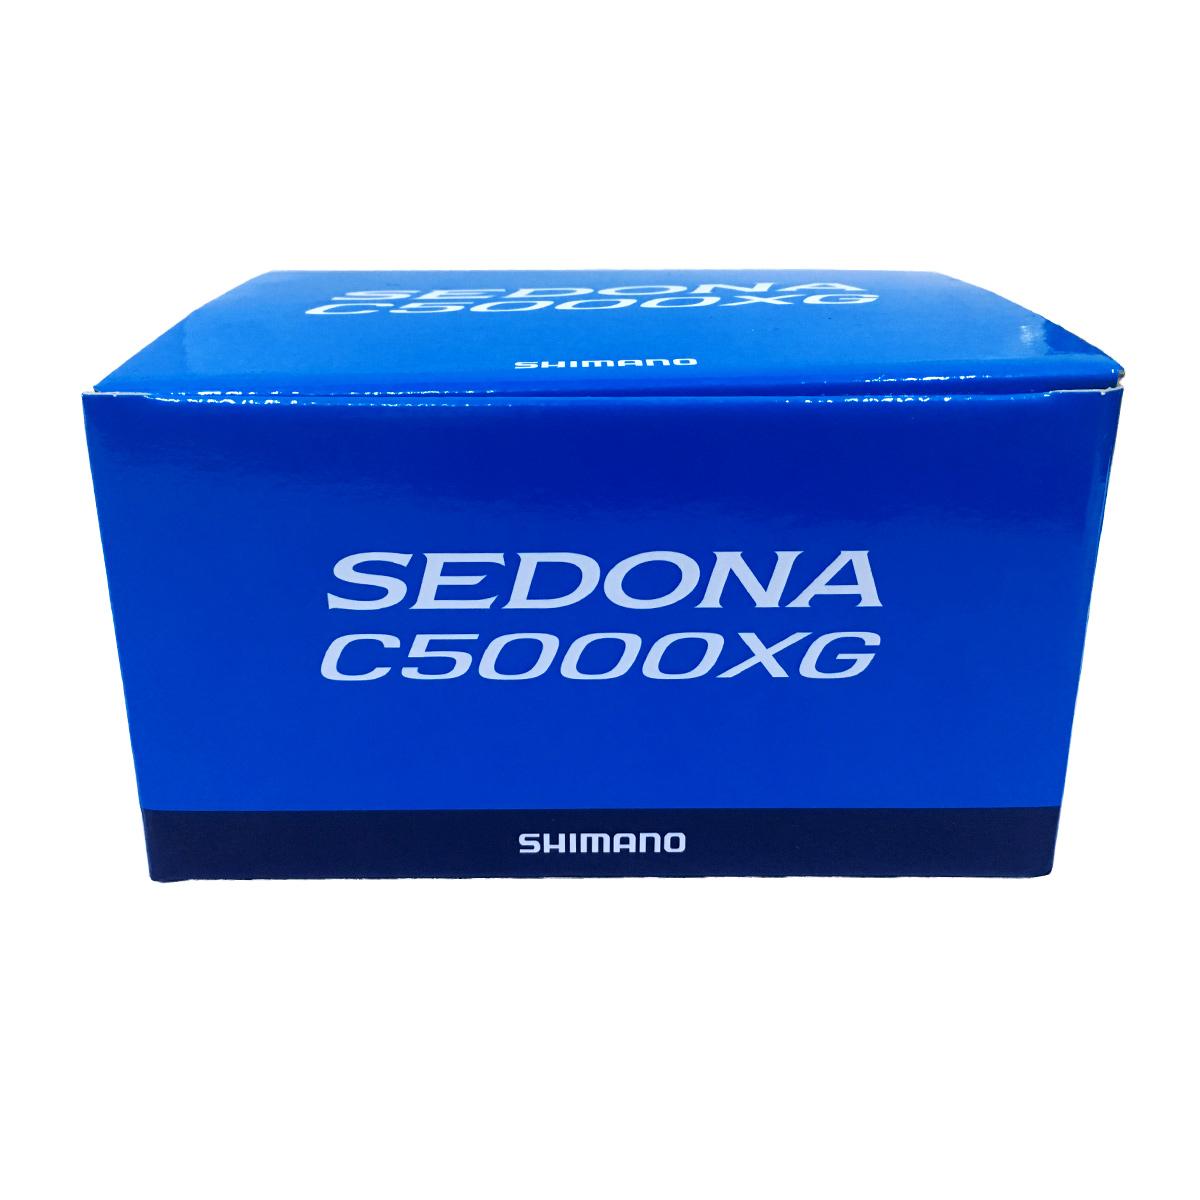 Máy Câu Cá Shimano Sedona C5000XG BH 1 Năm Chính Hãng